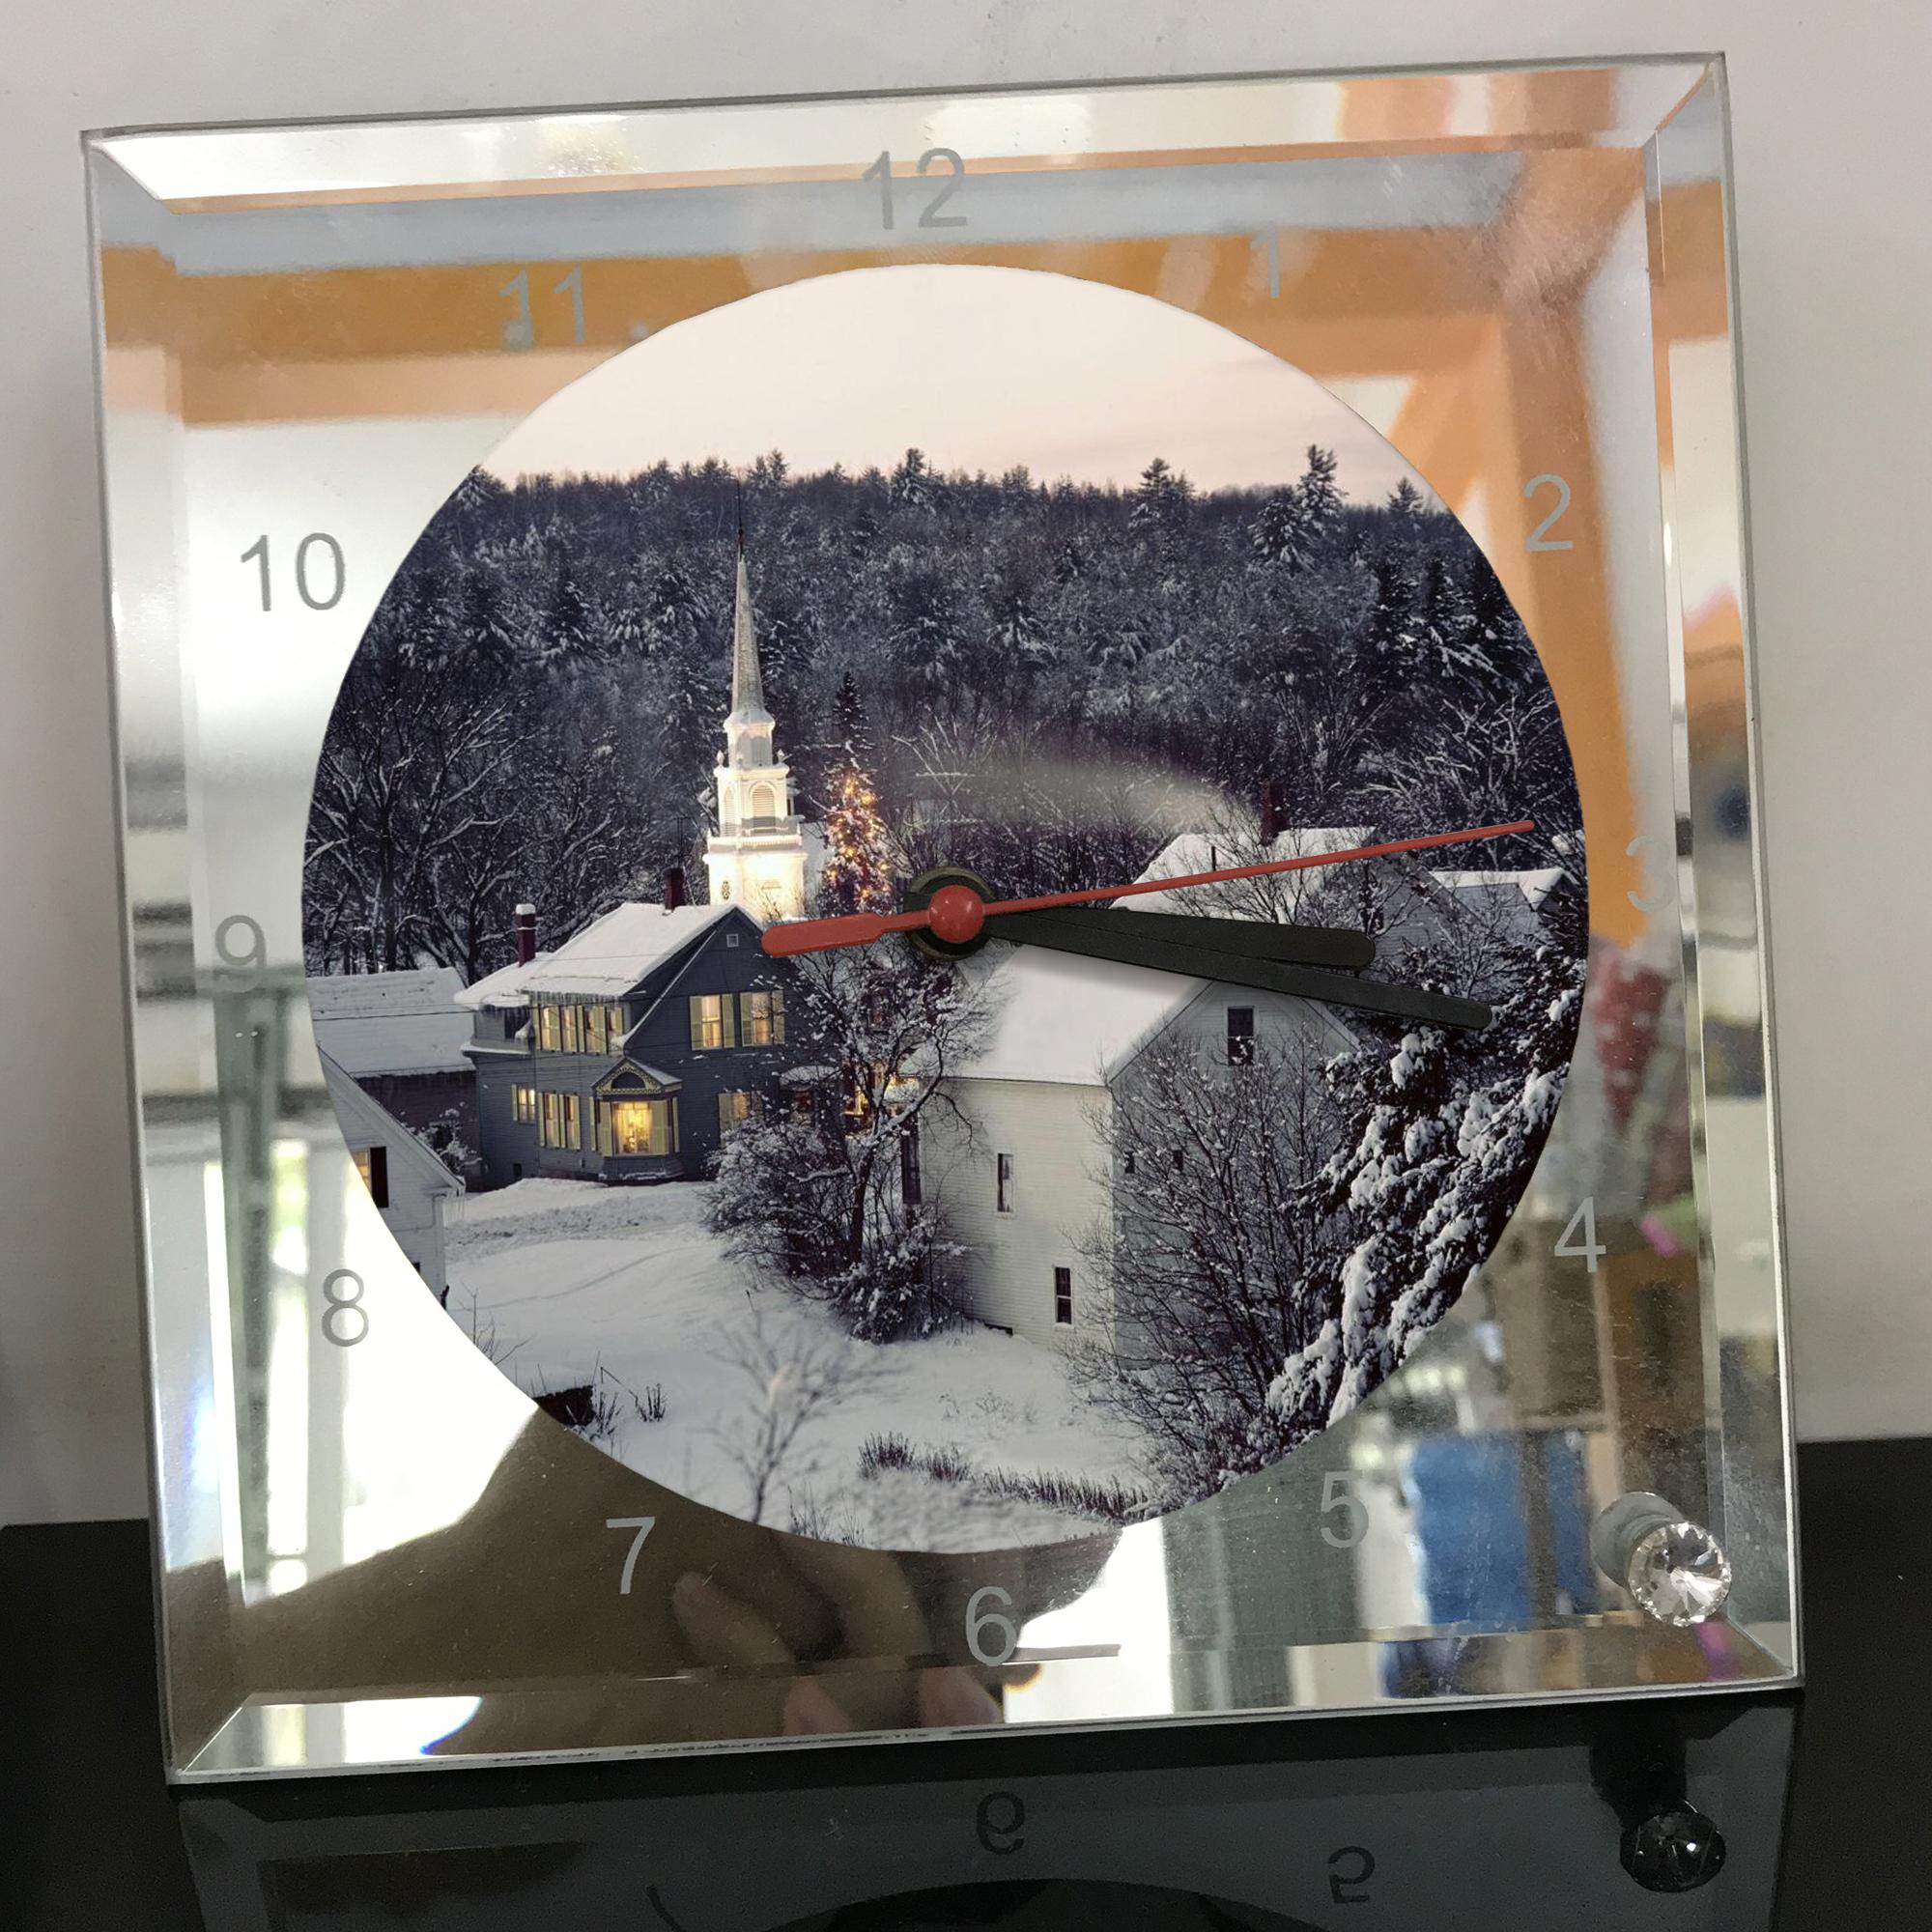 Đồng hồ thủy tinh vuông 20x20 in hình Church - nhà thờ (129) . Đồng hồ thủy tinh để bàn trang trí đẹp chủ đề tôn giáo